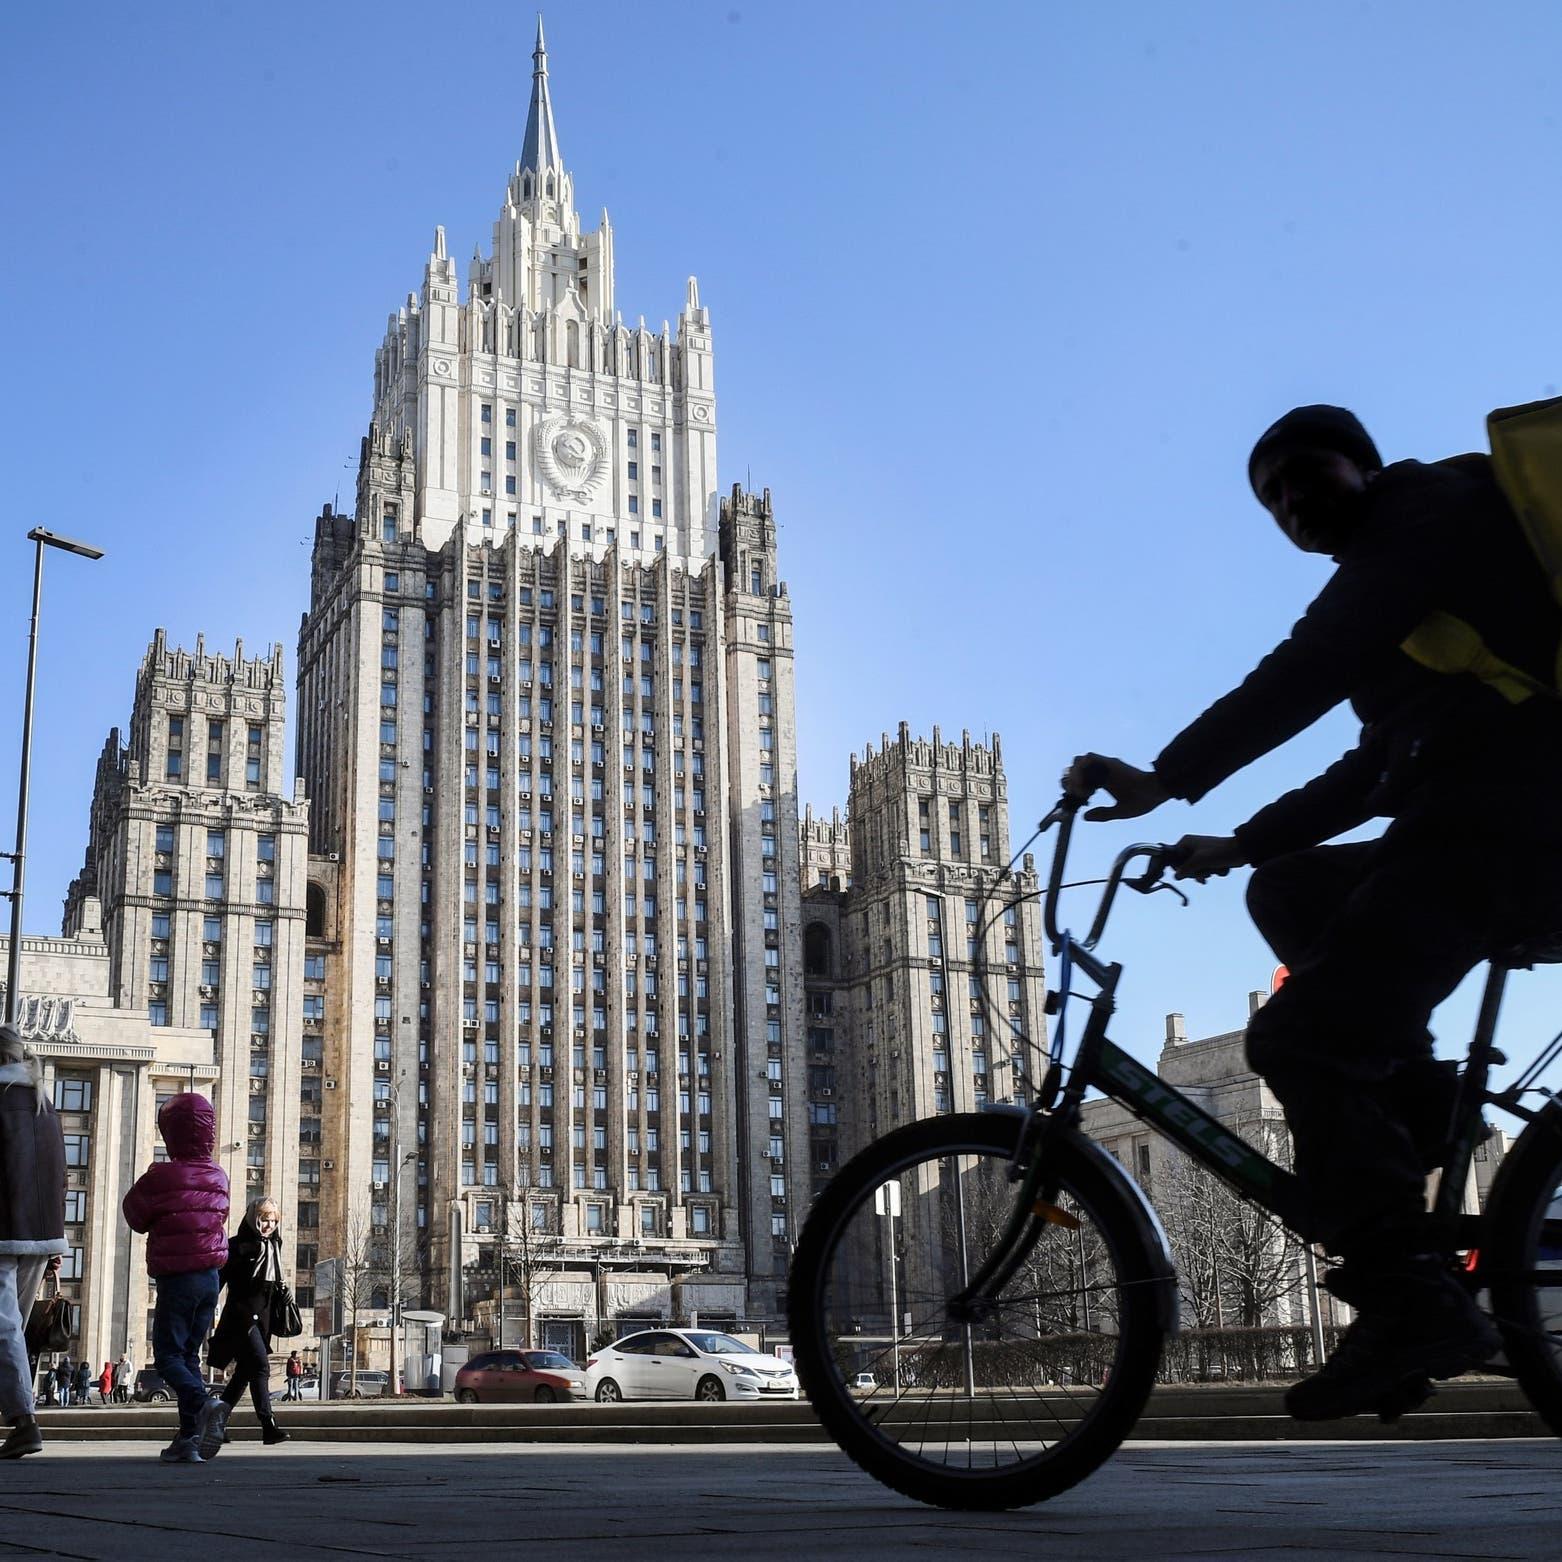 روسيا تطرد دبلوماسيين تشيكيين وسط توتر حول التاريخ